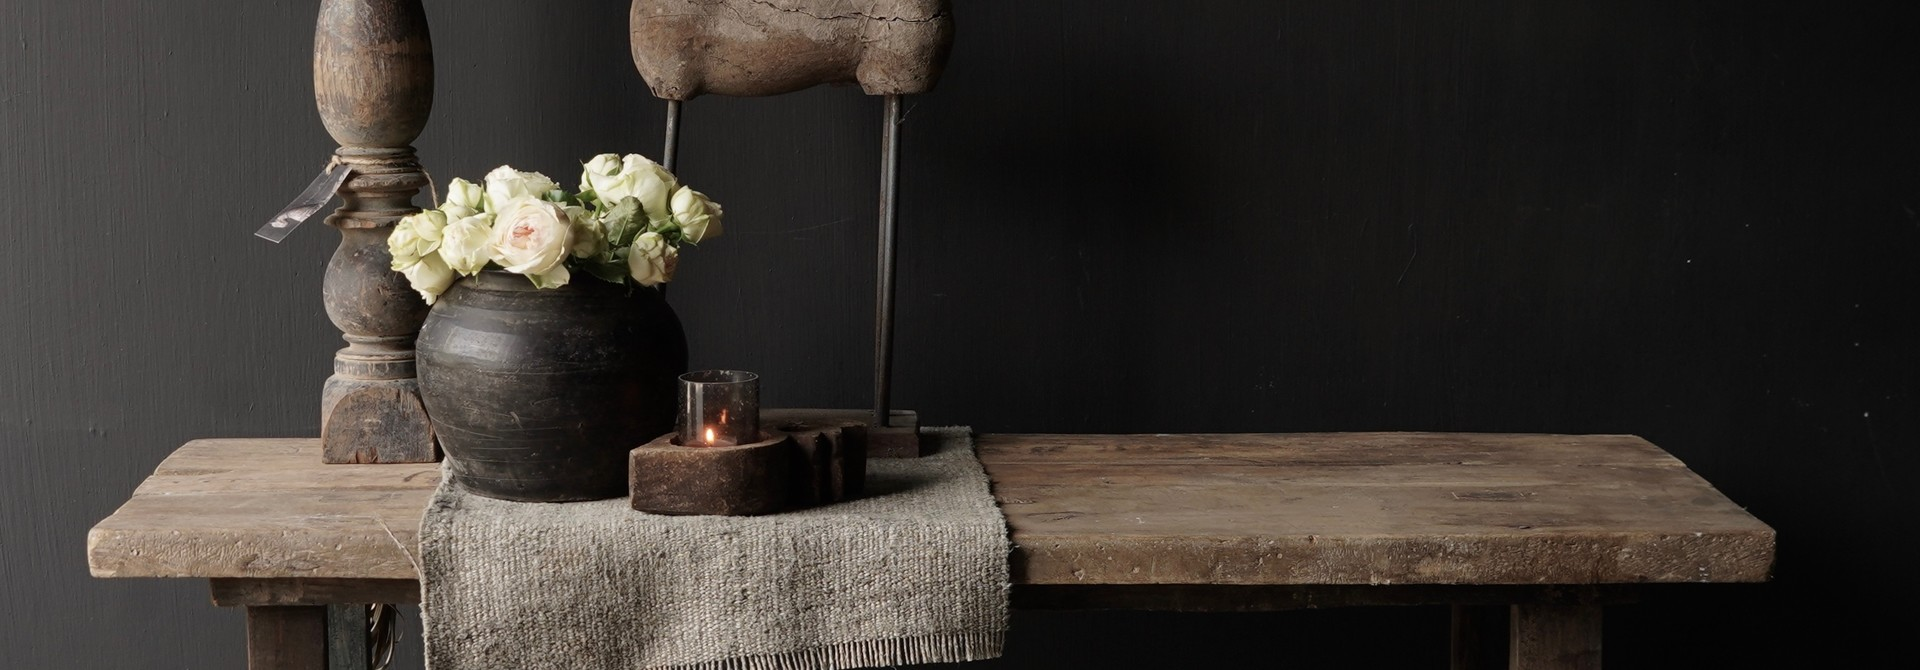 Side table gemaakt van oud stoer robuust oud hout